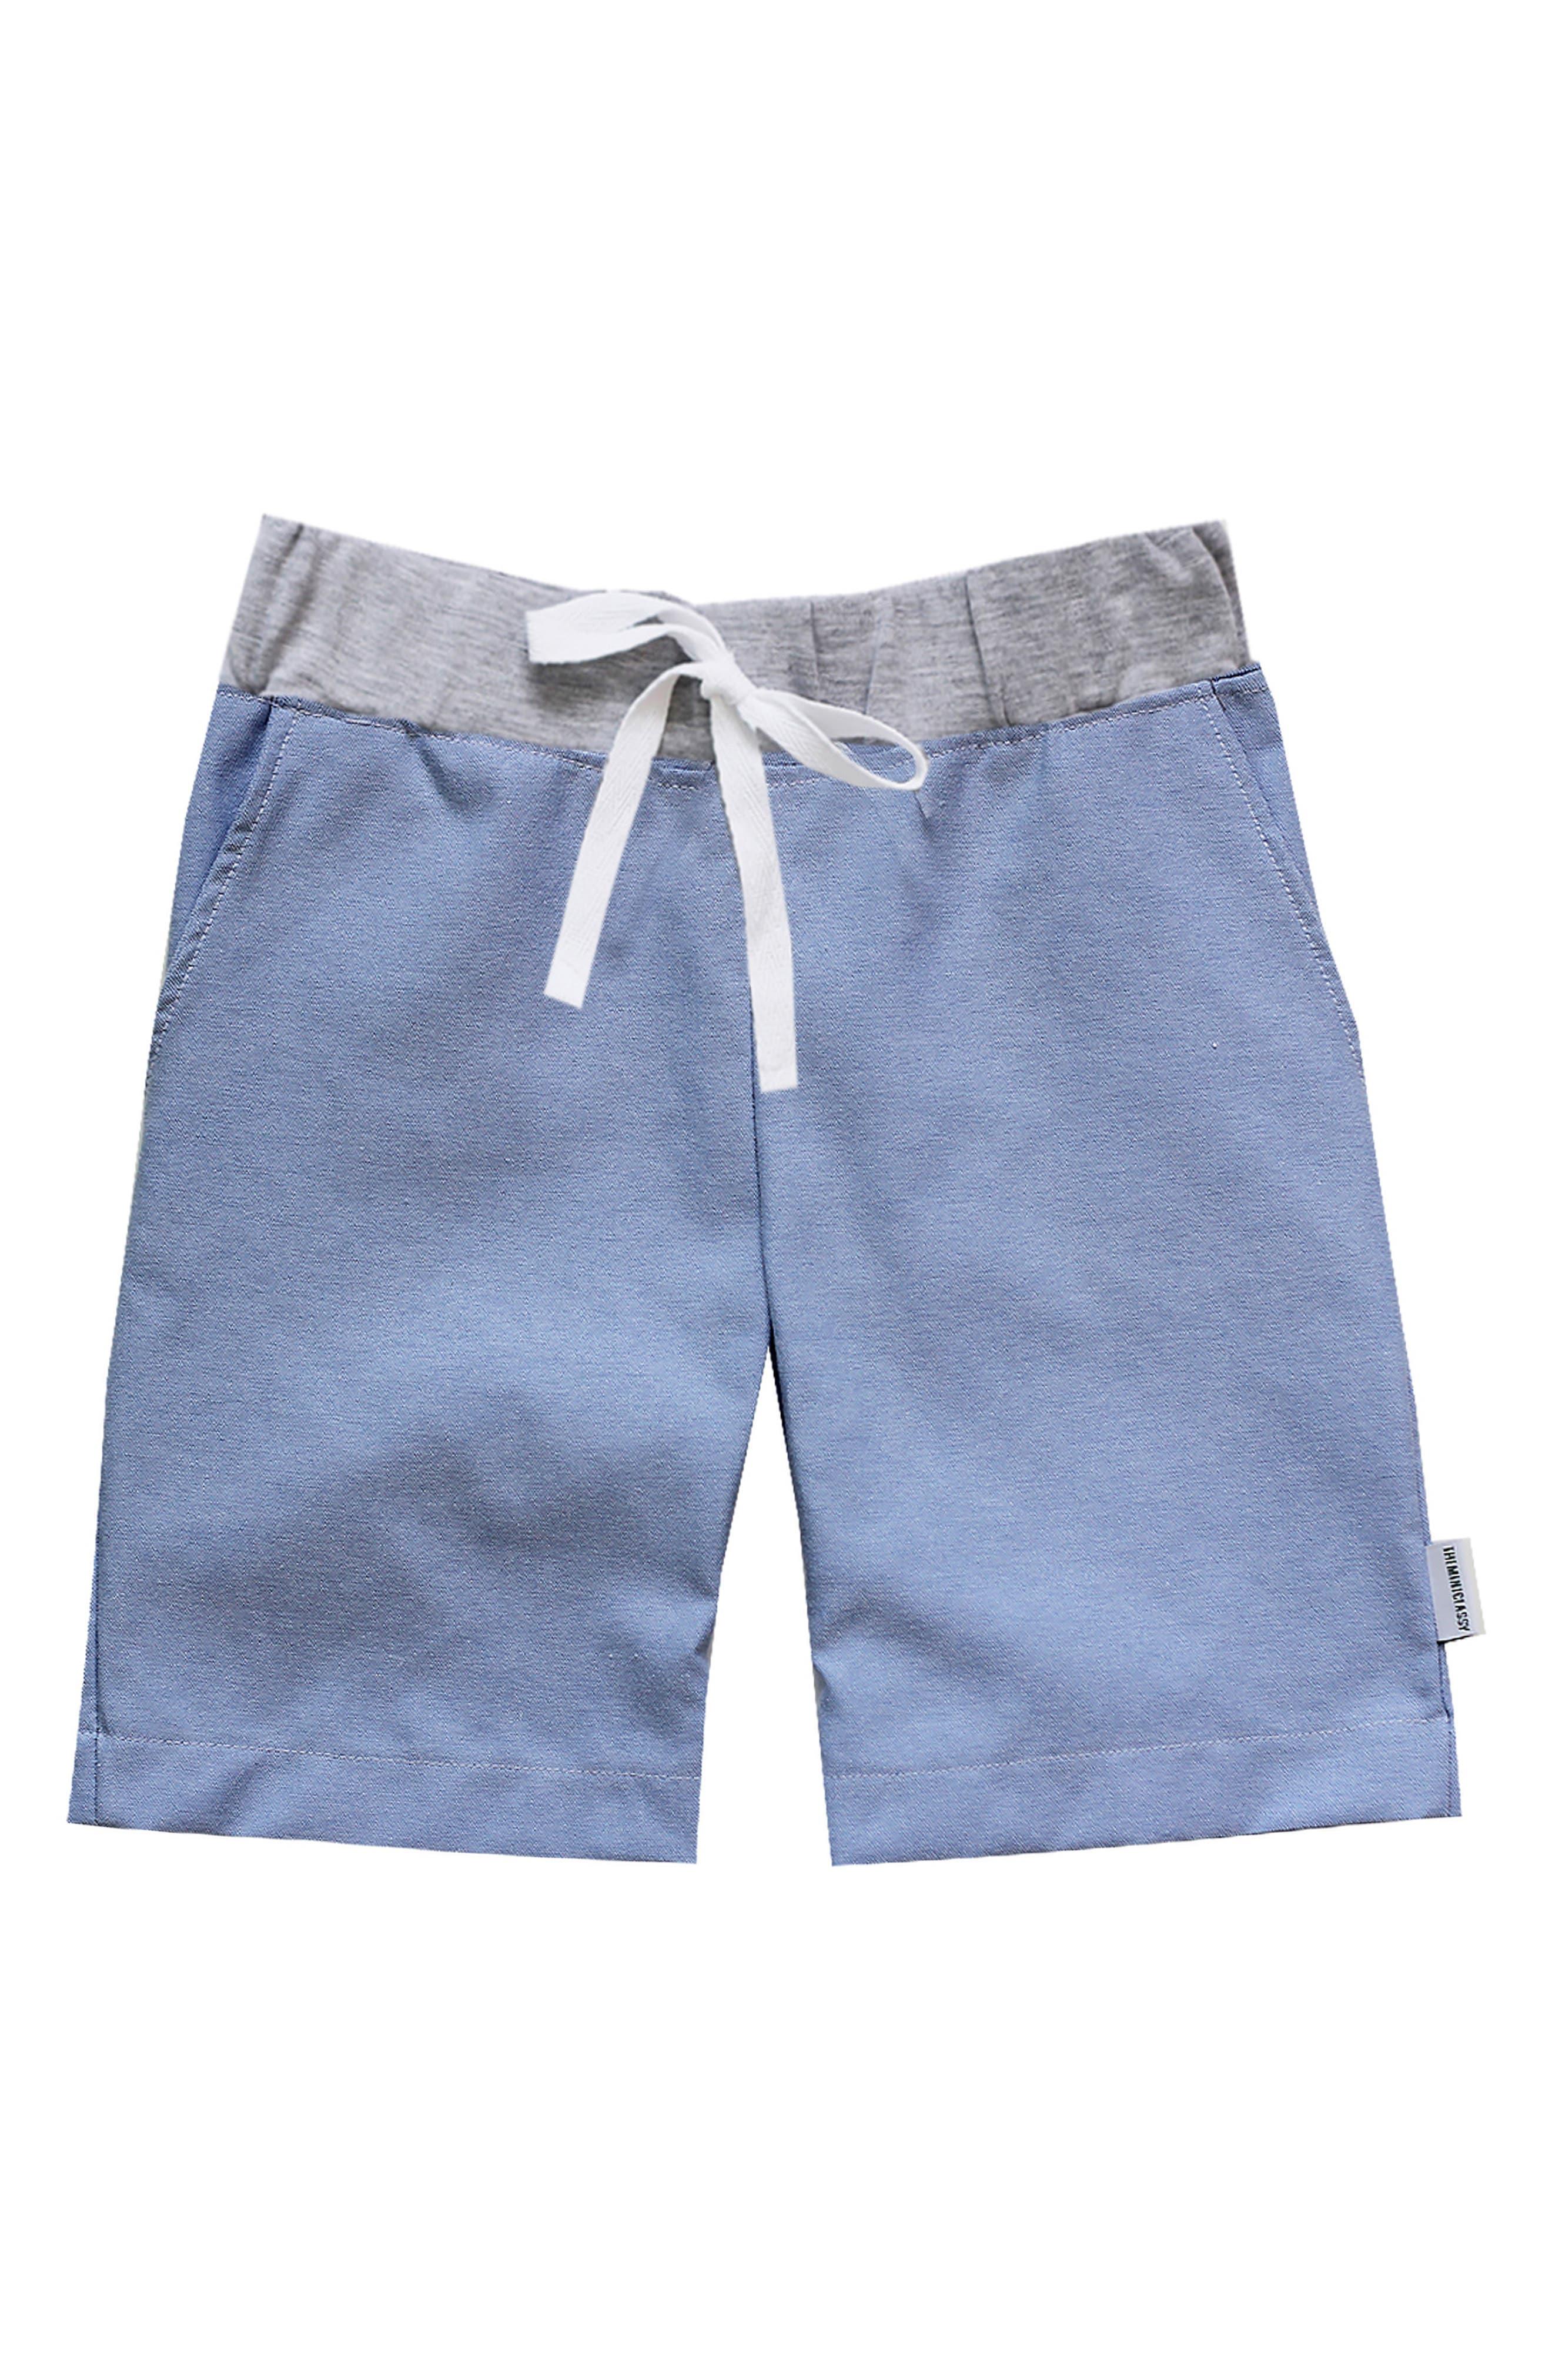 Chambray Board Shorts,                             Main thumbnail 1, color,                             Light Blue